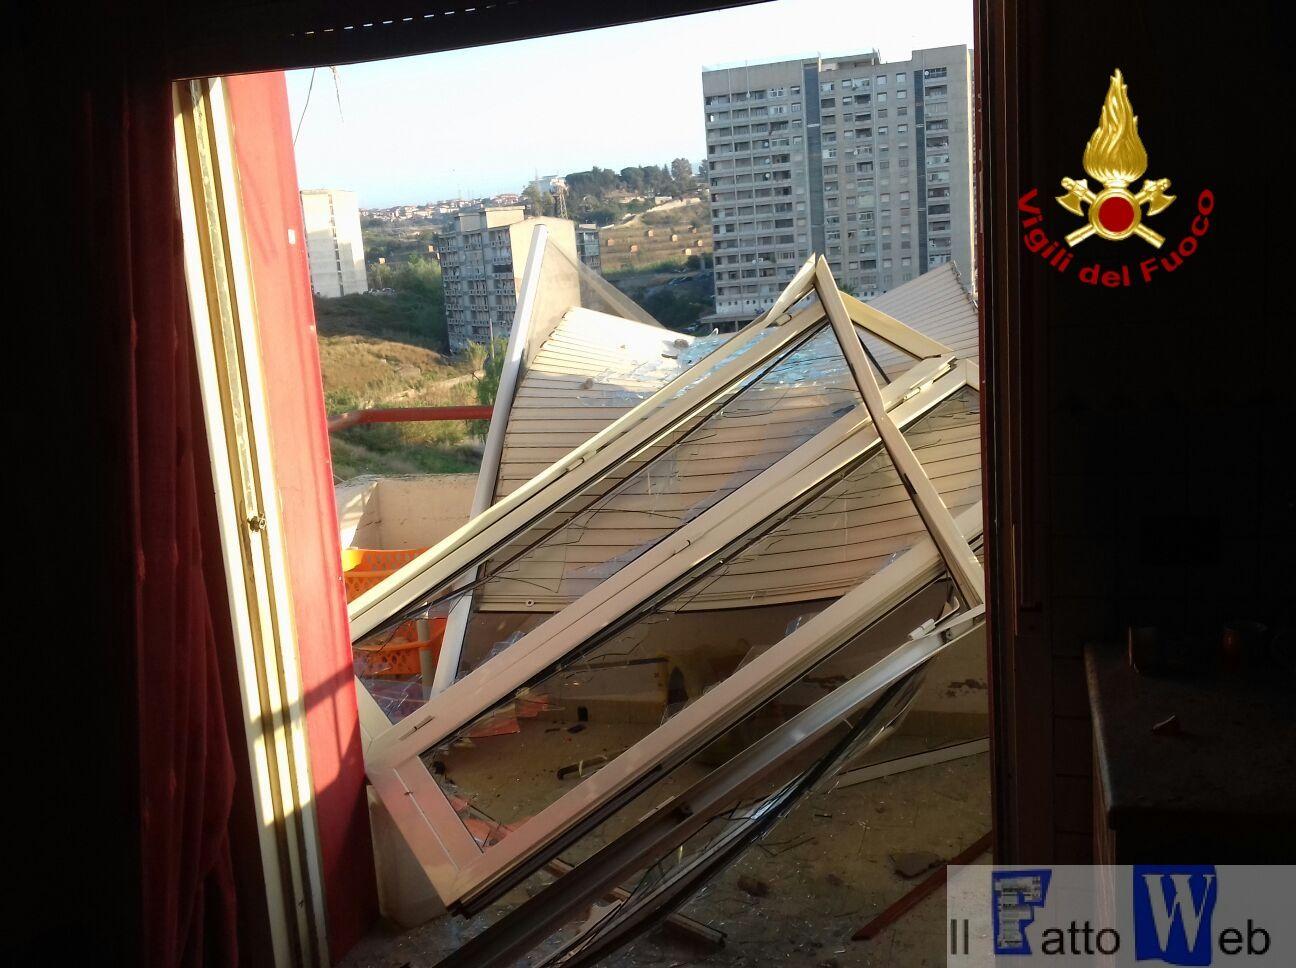 Esplosione in appartamento al viale Moncada a Catania